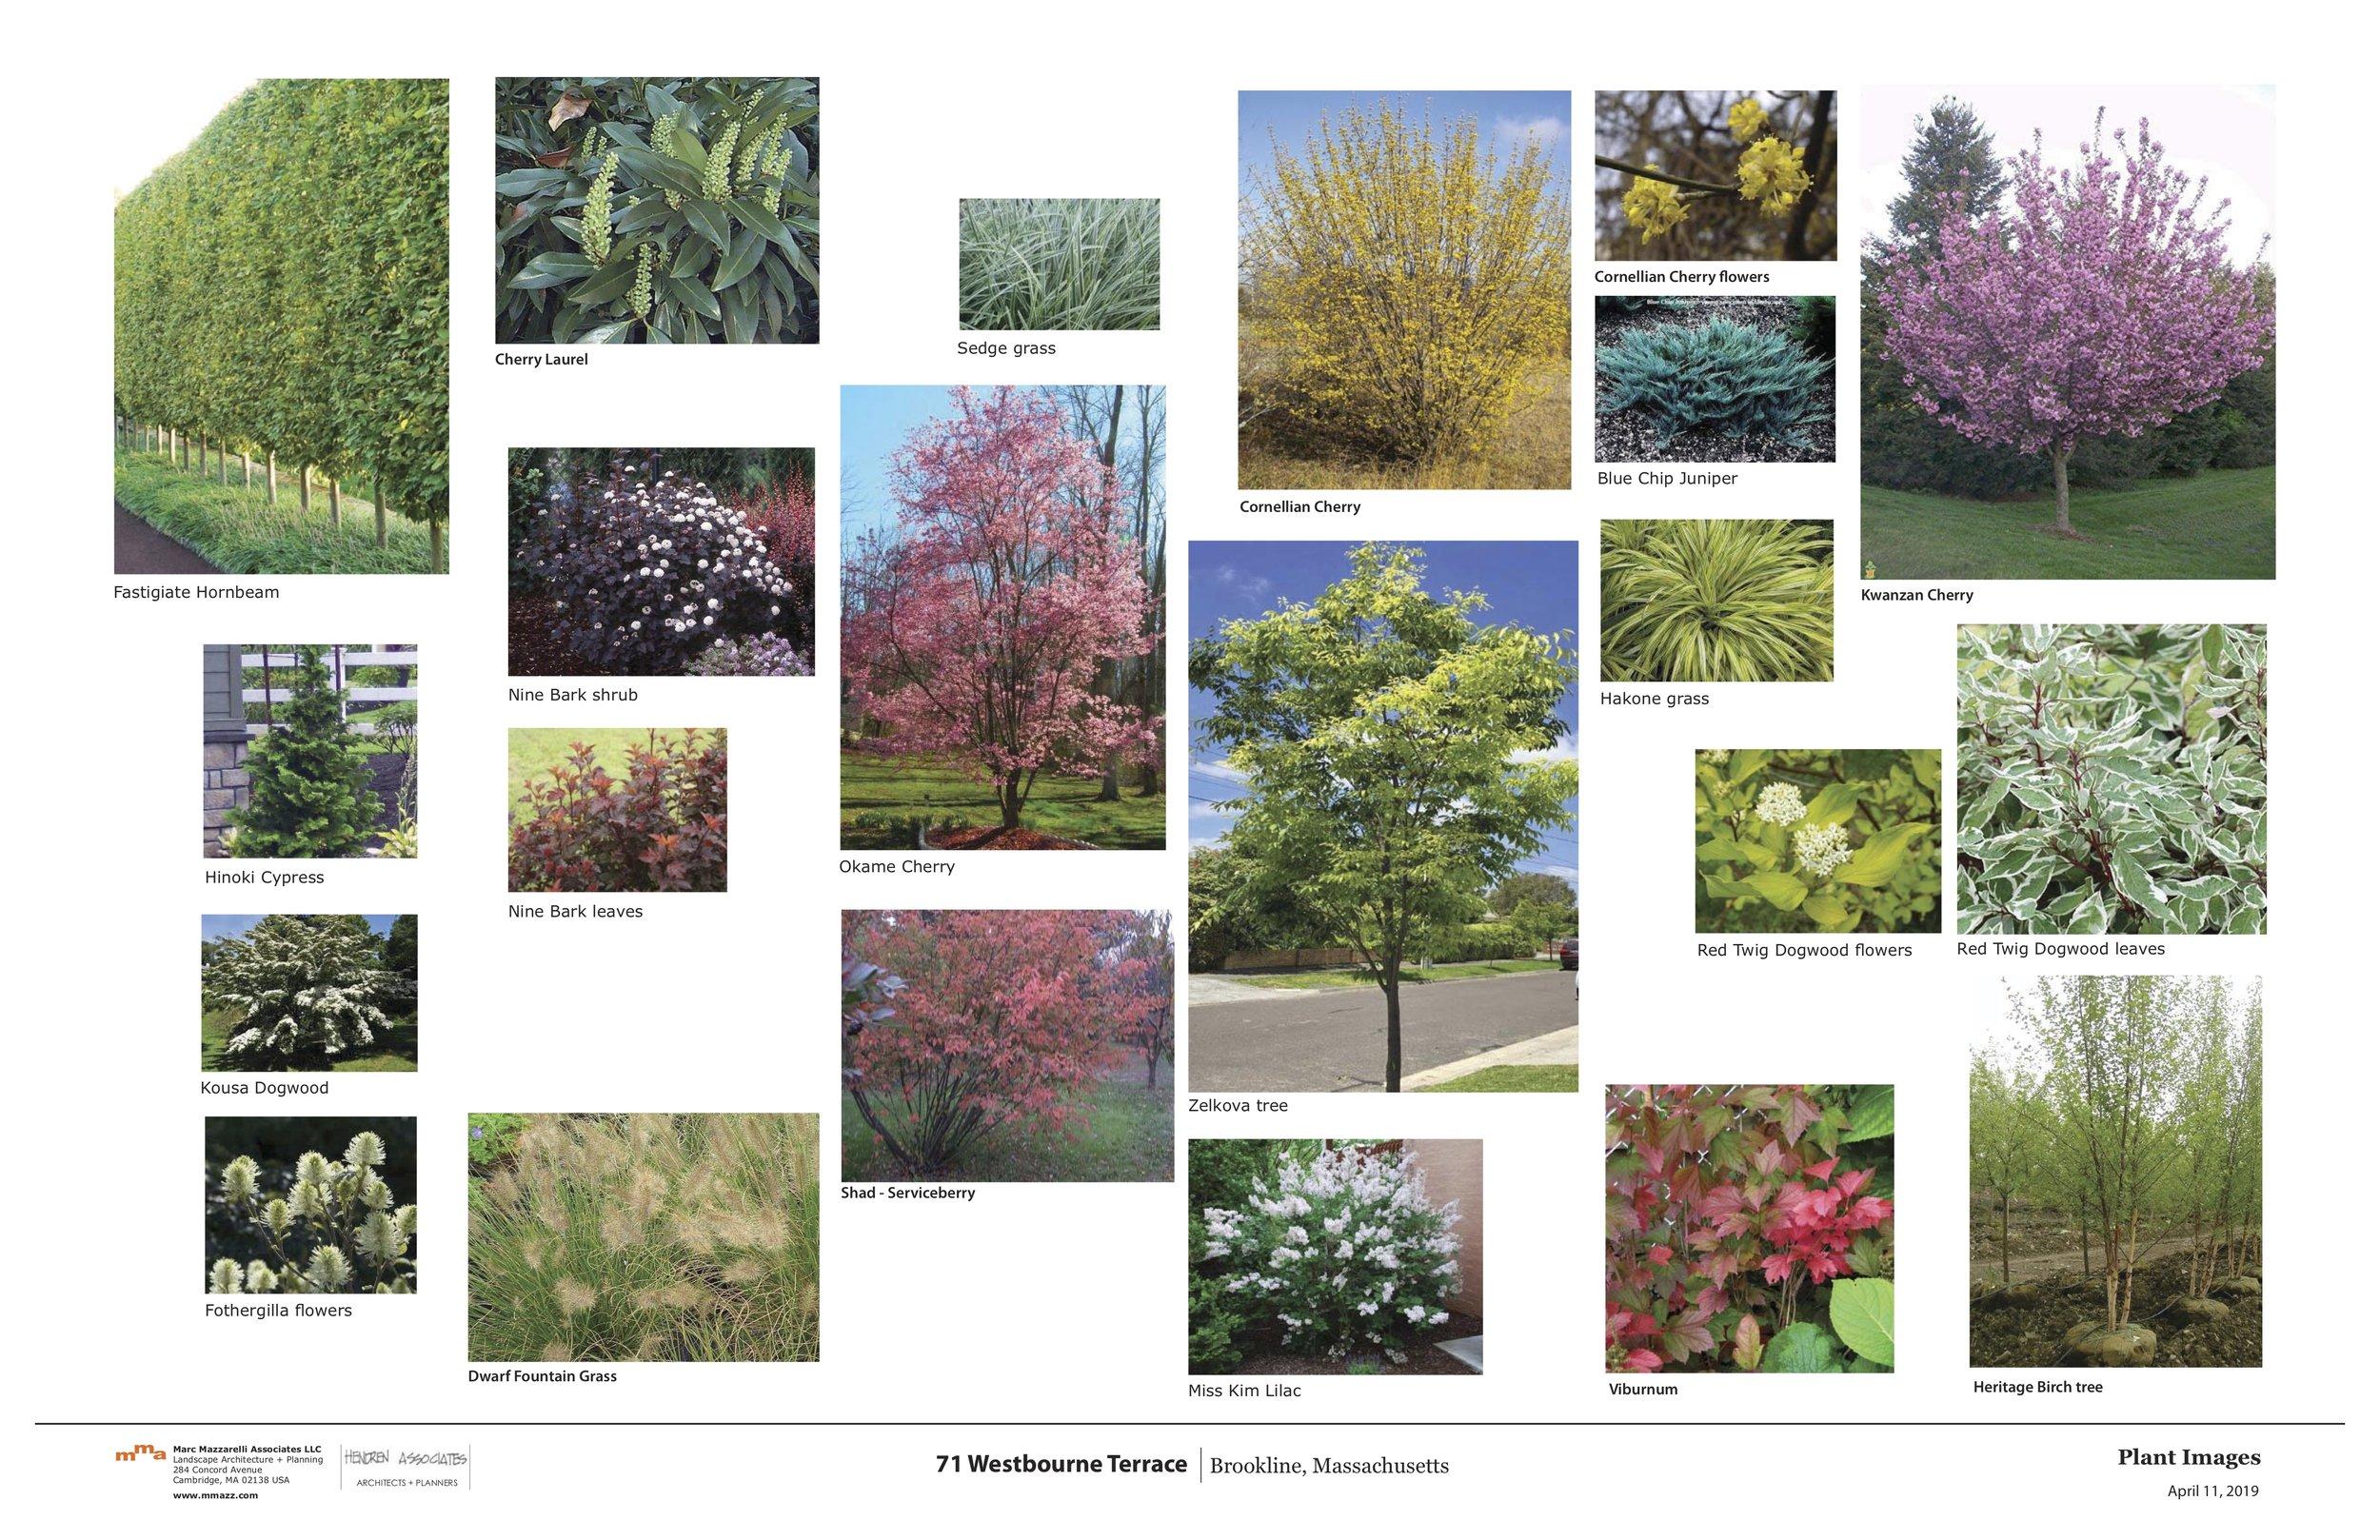 71 Westbourne Landscape Revised 16' Driveway 4-29-18 2.jpg